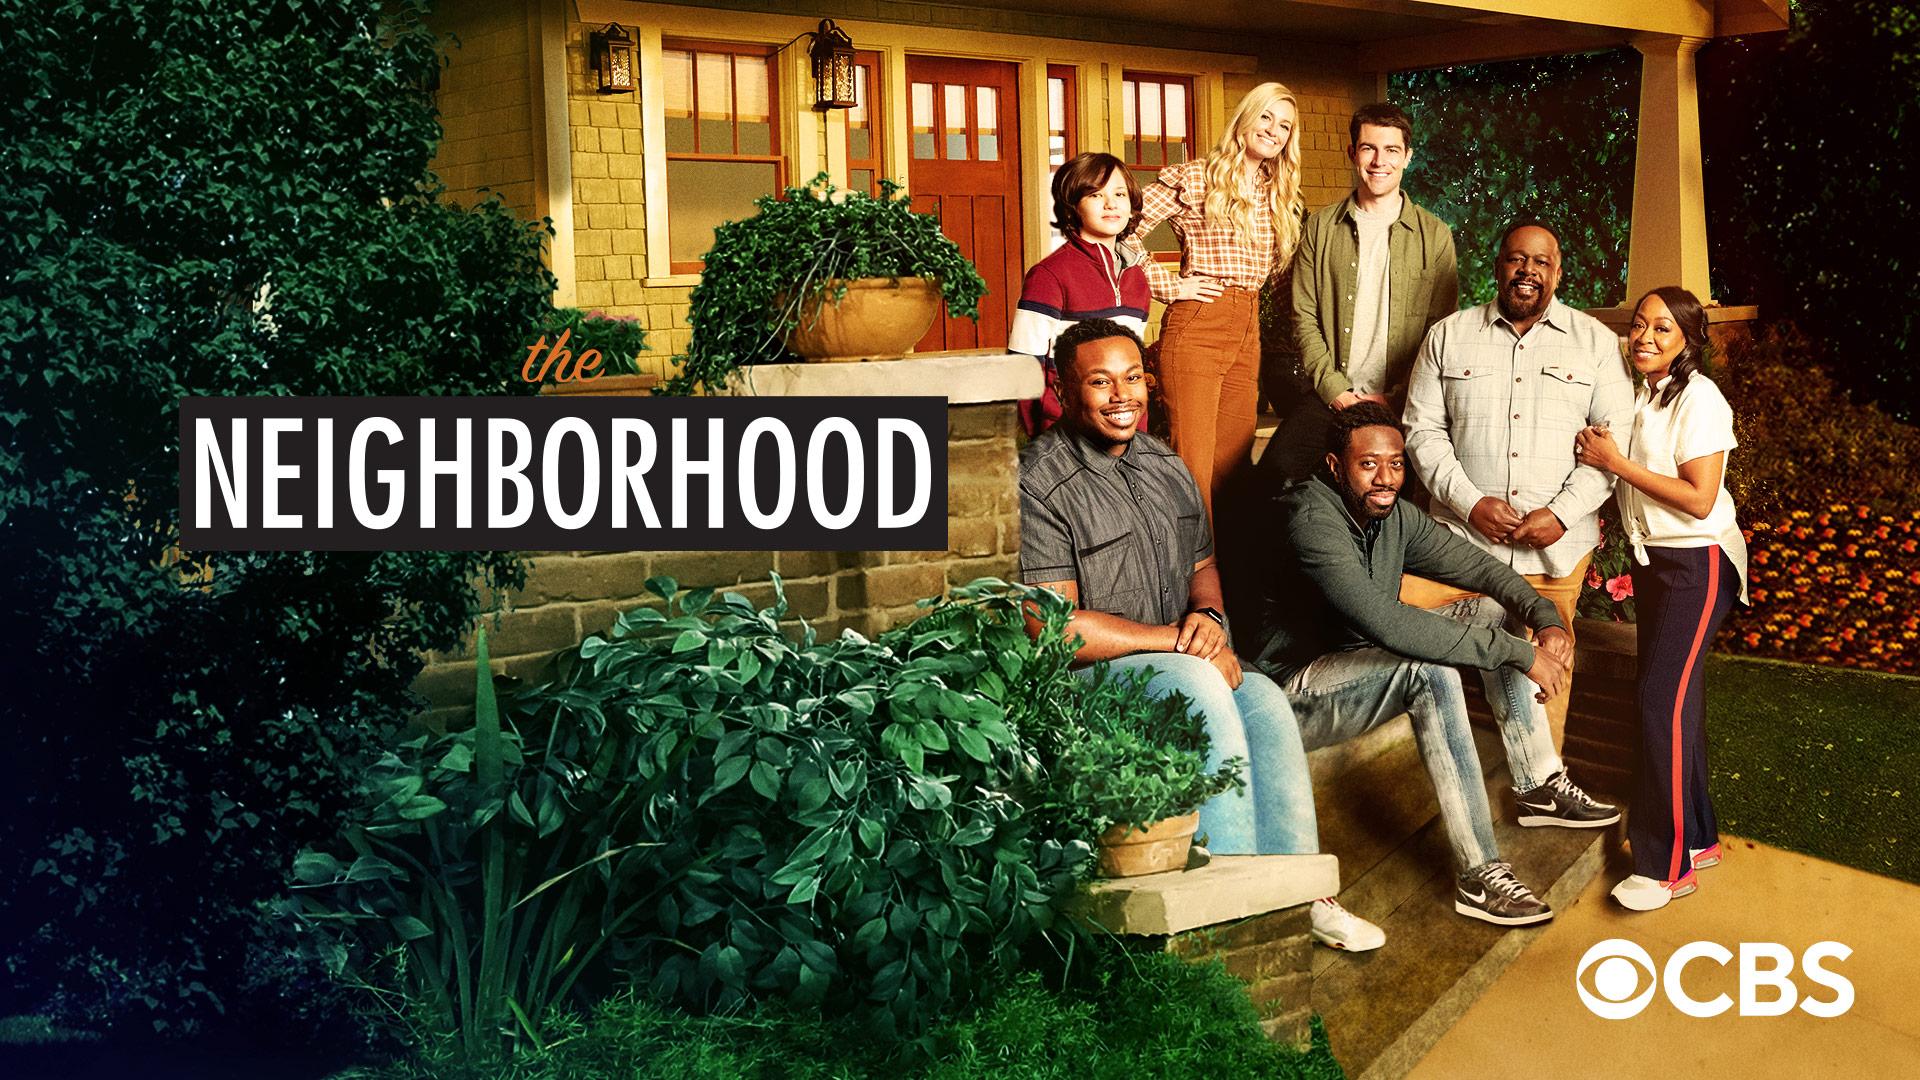 The Neighborhood, Season 4